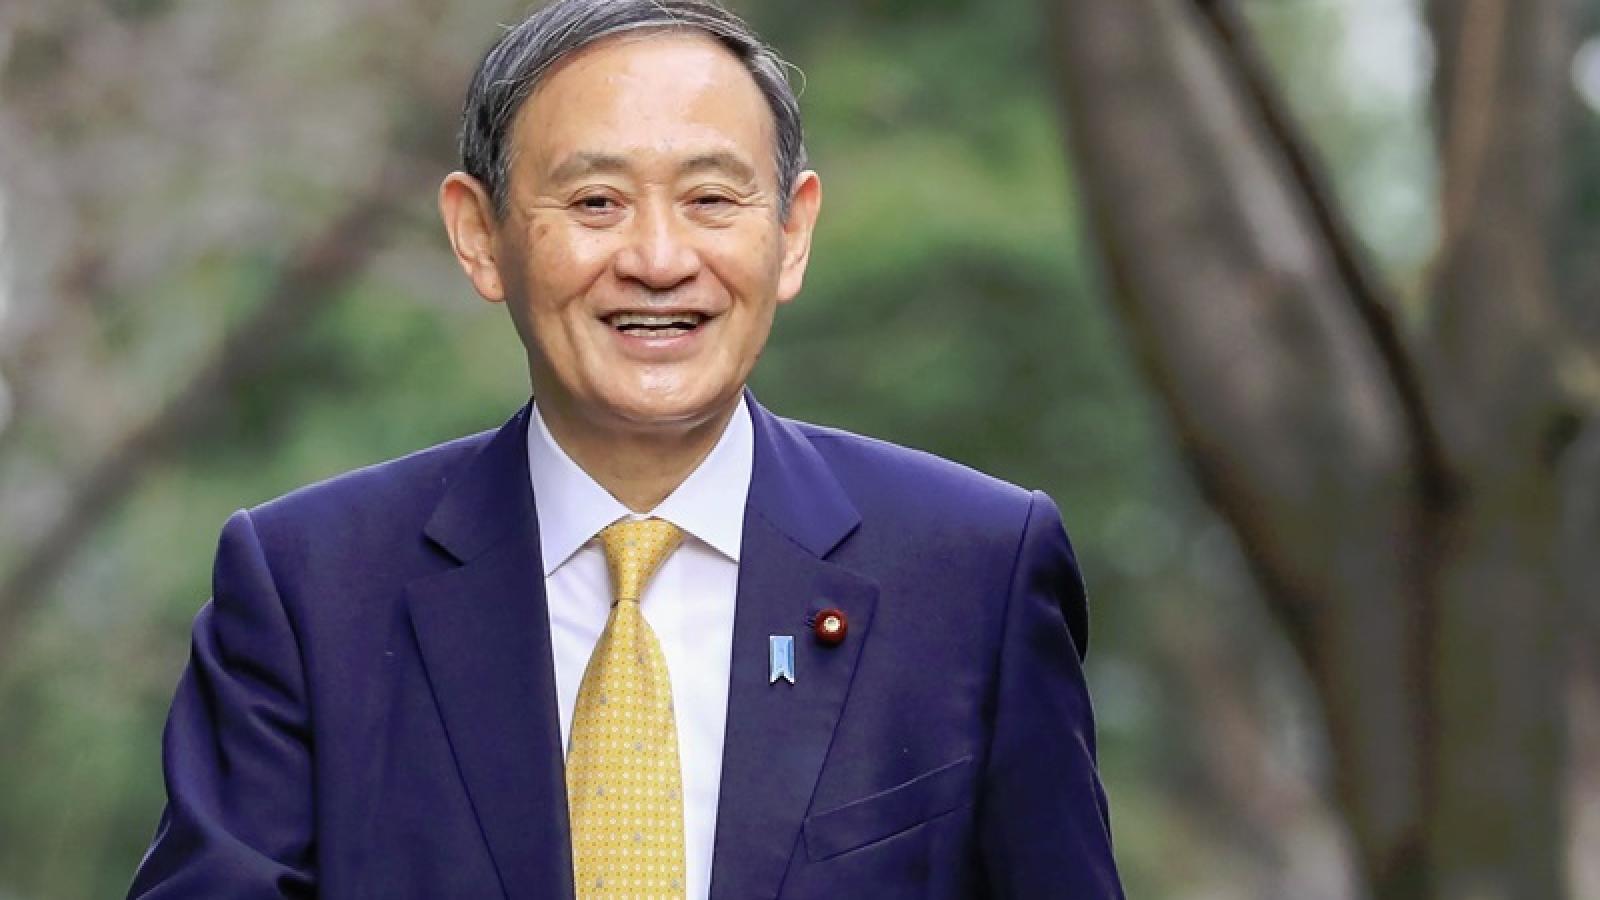 Dư luận Trung Quốc, Hàn Quốc sau khi Nhật Bản chọn được tân Thủ tướng